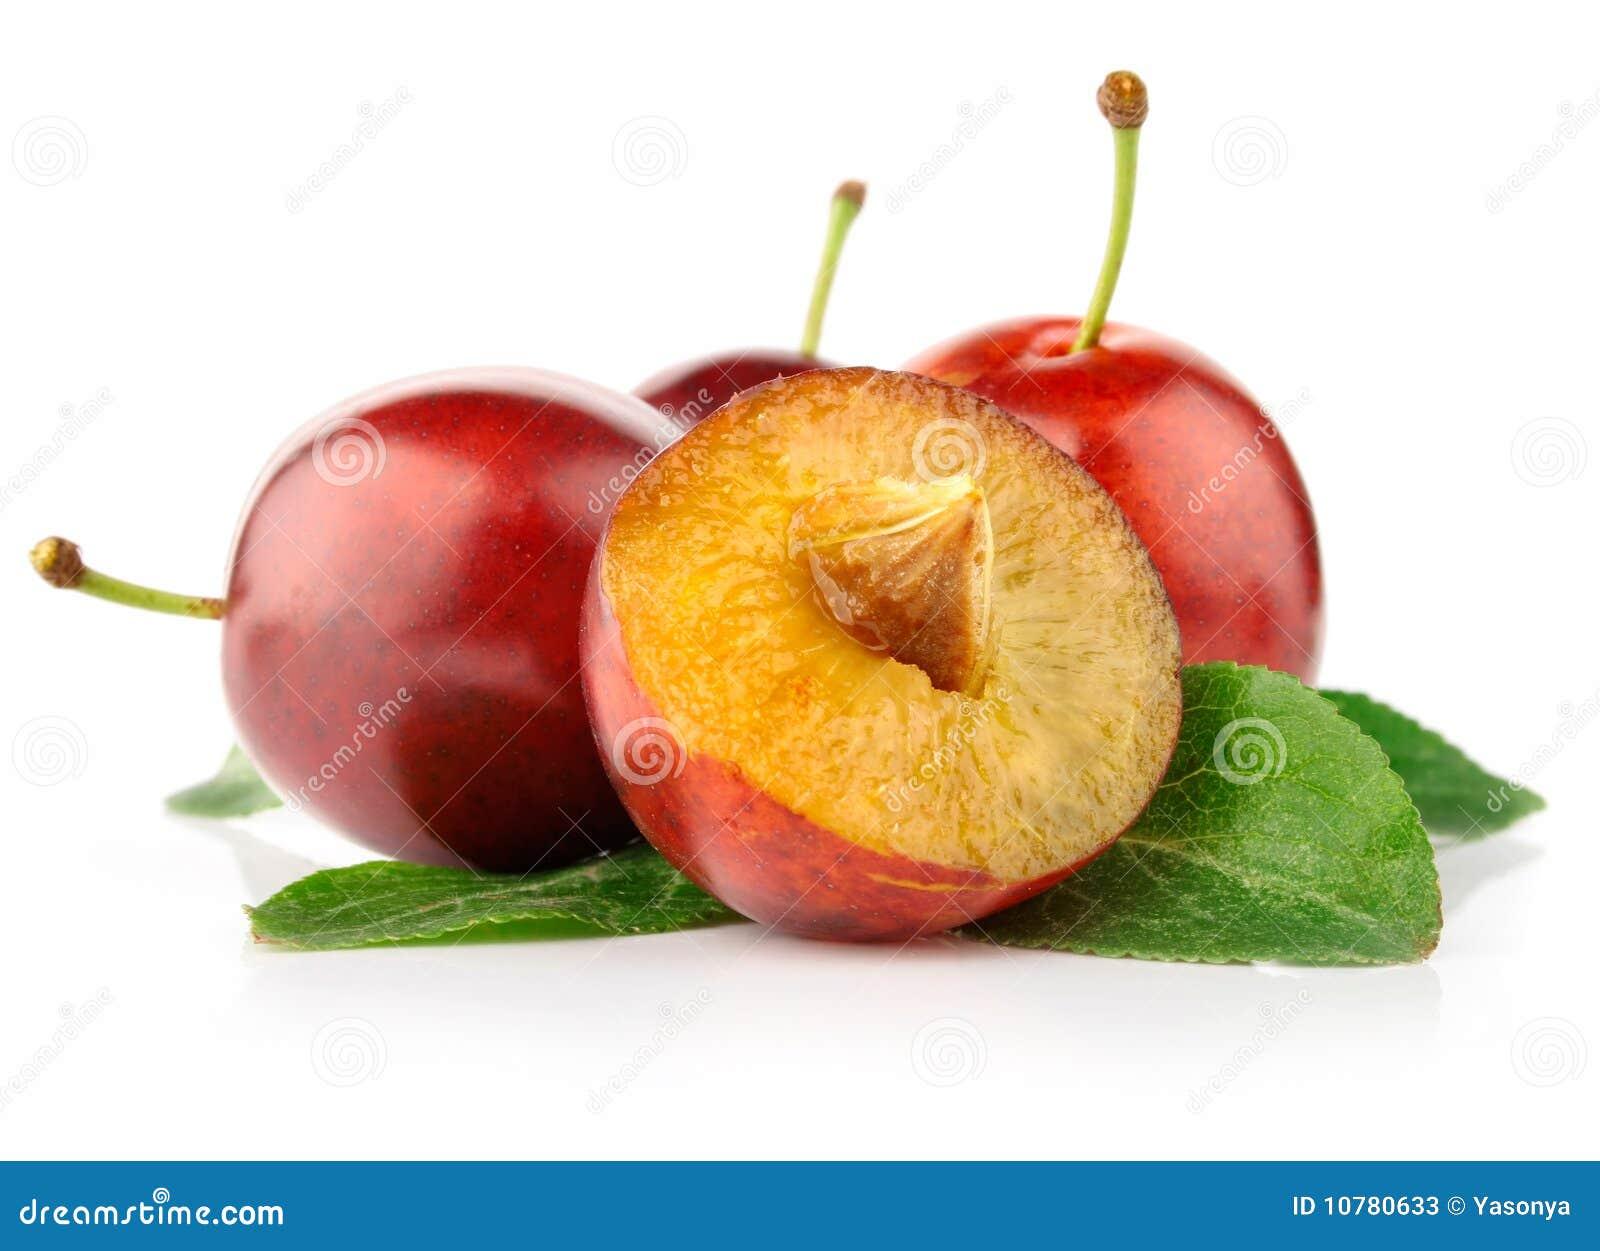 Verse pruimvruchten met besnoeiing en groene bladeren